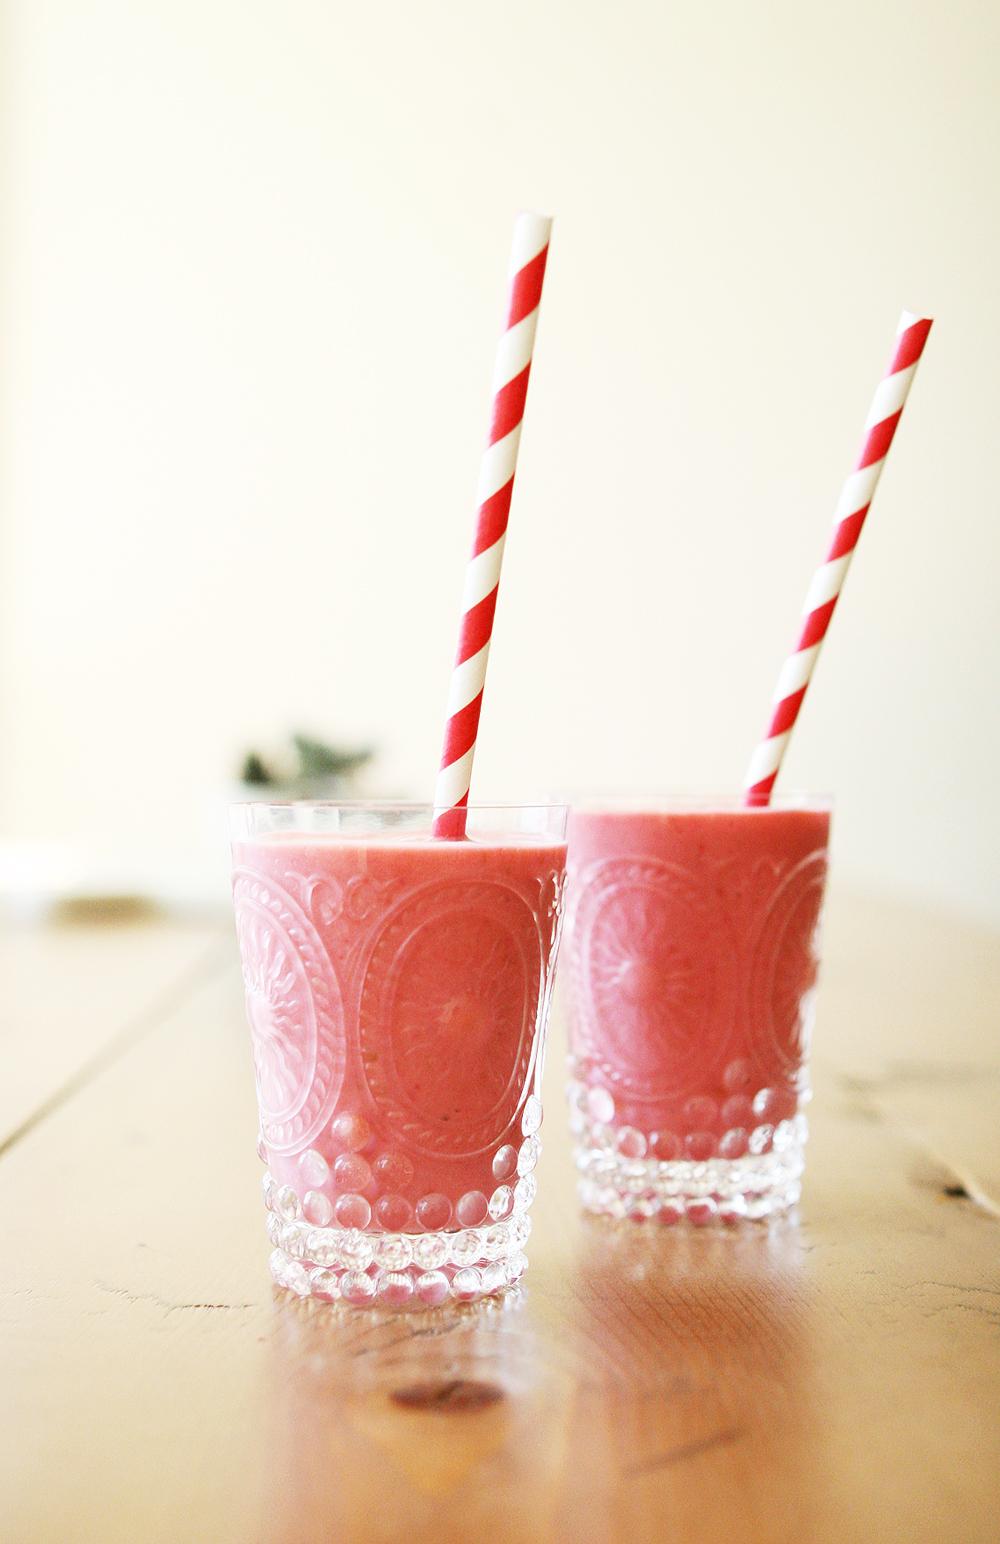 Natasha Asselstine Nutrition   Summer Berry Smoothie or Frozen Yoghurt